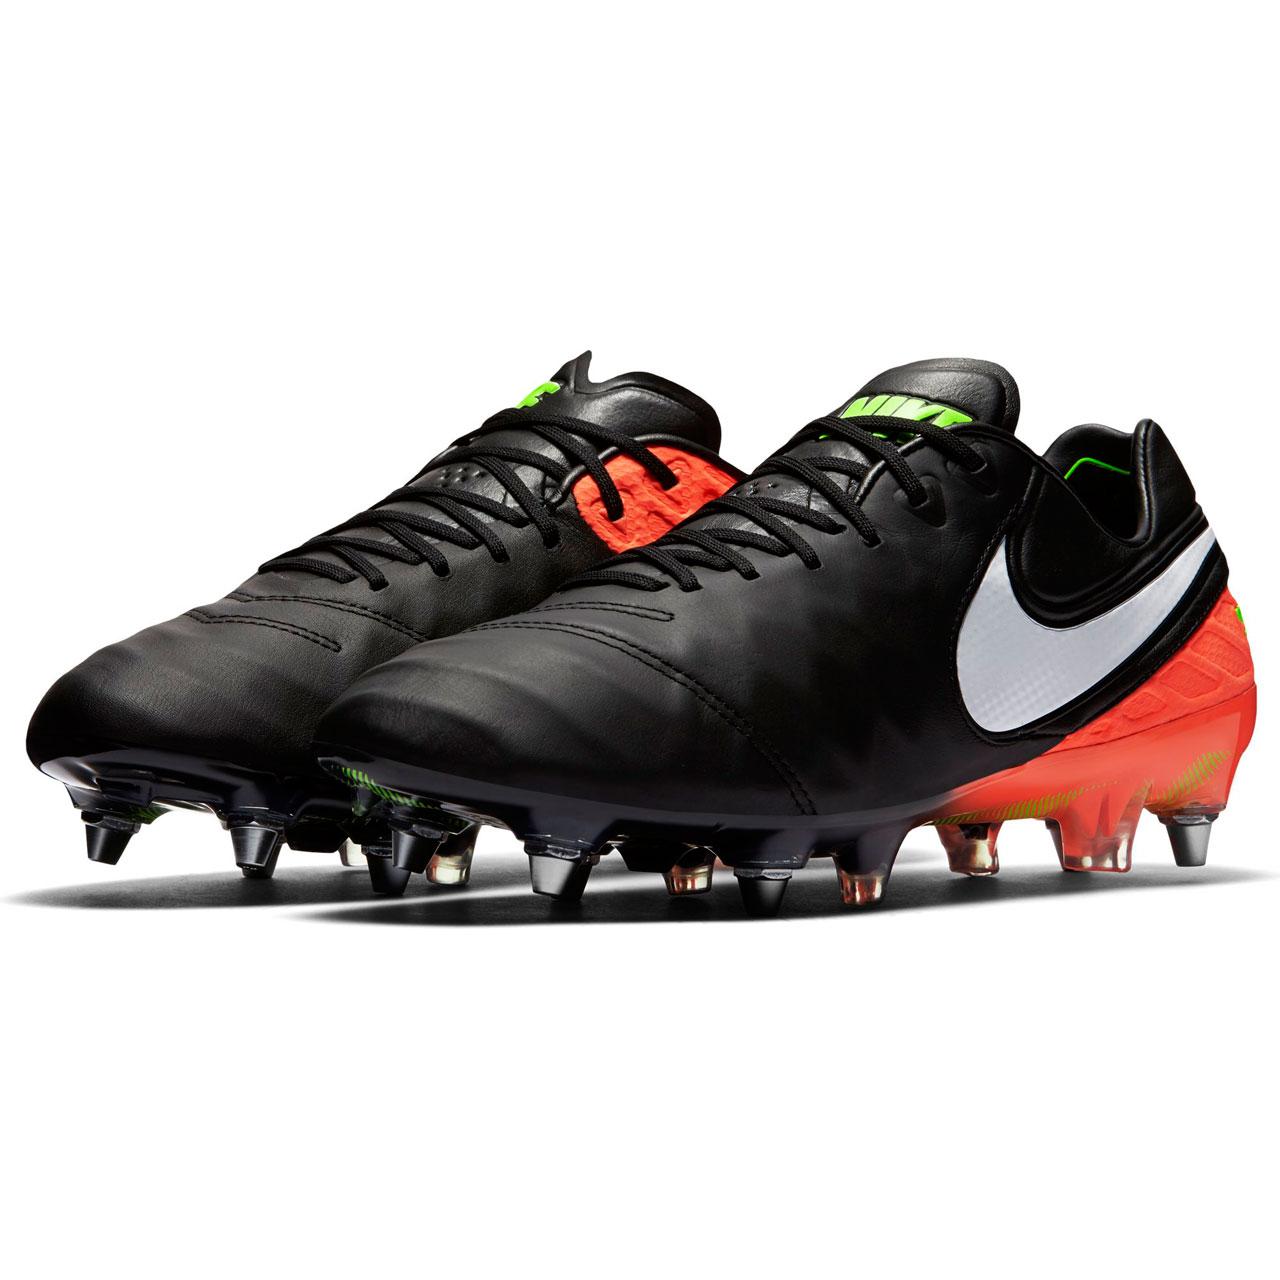 Fußballschuh Adidas Copa Mundial Schuh Kleidung Wasser